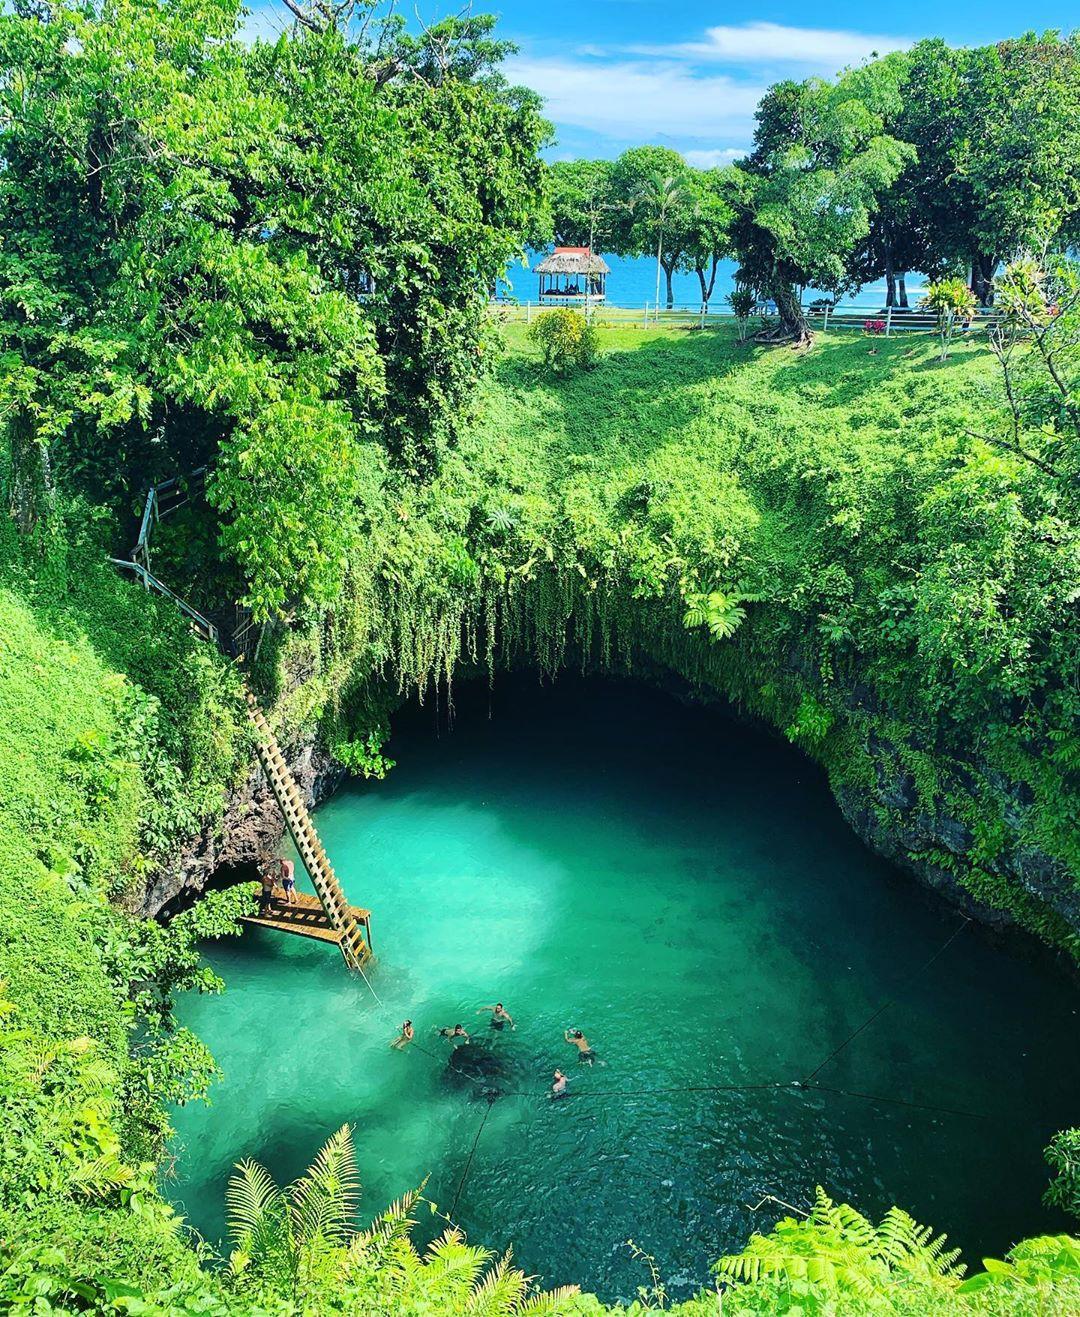 VZN News: Hồ bơi tự nhiên đẹp nhất thế giới nằm ở quốc gia ít người biết nhưng ai đã đến một lần thì đảm bảo mê cả đời! - Ảnh 10.